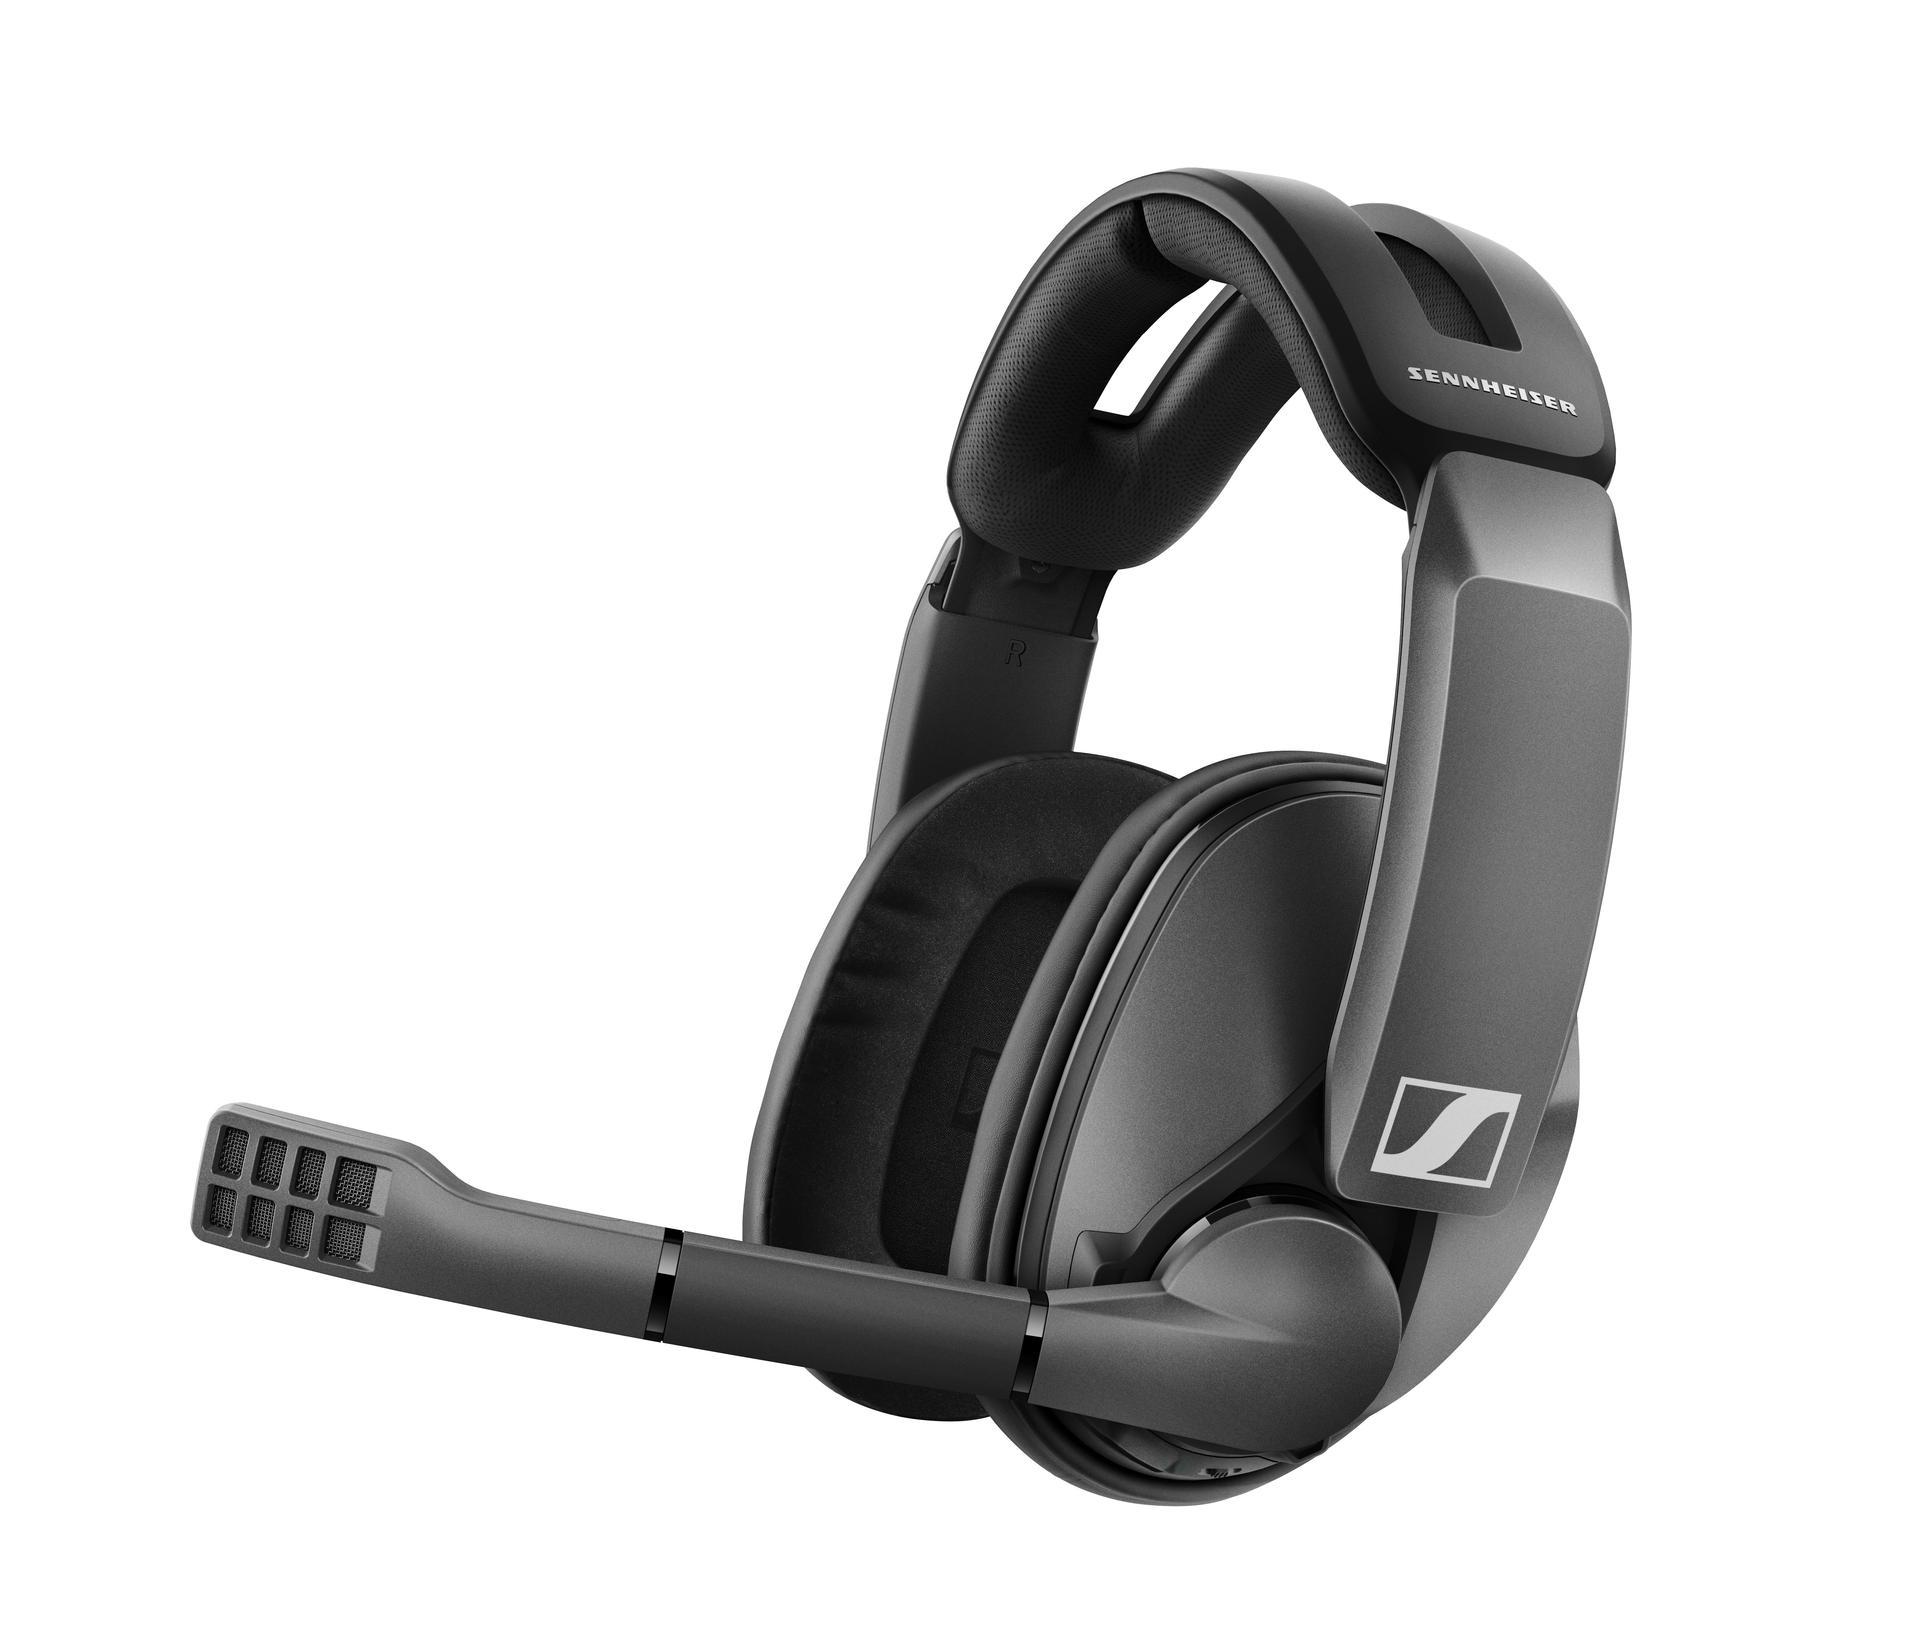 Dois headsets sem fio da EPOS|Sennheiser